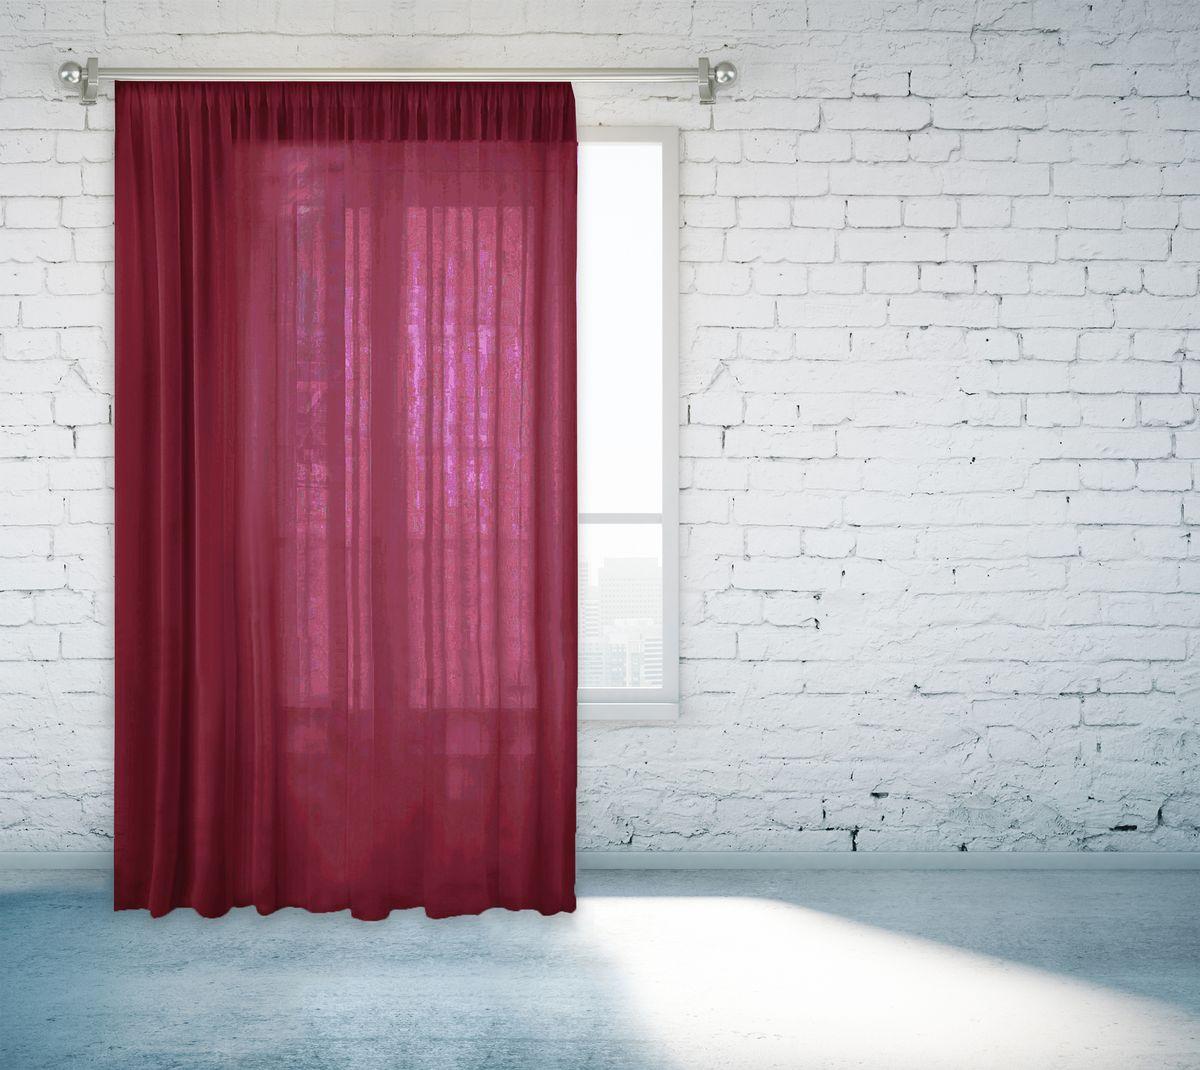 Тюль Zlata Korunka, на ленте, цвет: бордовый, высота 260 см55670-13Тюль Zlata Korunka изготовлен из 100% полиэстера и великолепно украсит любое окно. Воздушная ткань и приятная, приглушенная гаммапривлекут к себе внимание иорганично впишутся в интерьер помещения.Полиэстер - вид ткани, состоящий из полиэфирных волокон. Ткани из полиэстера -легкие, прочные и износостойкие. Такие изделия не требуют специального ухода, непылятся и почти не мнутся. Крепление к карнизу осуществляется с использованием тесьмы.Такой тюль идеально оформит интерьер любого помещения.